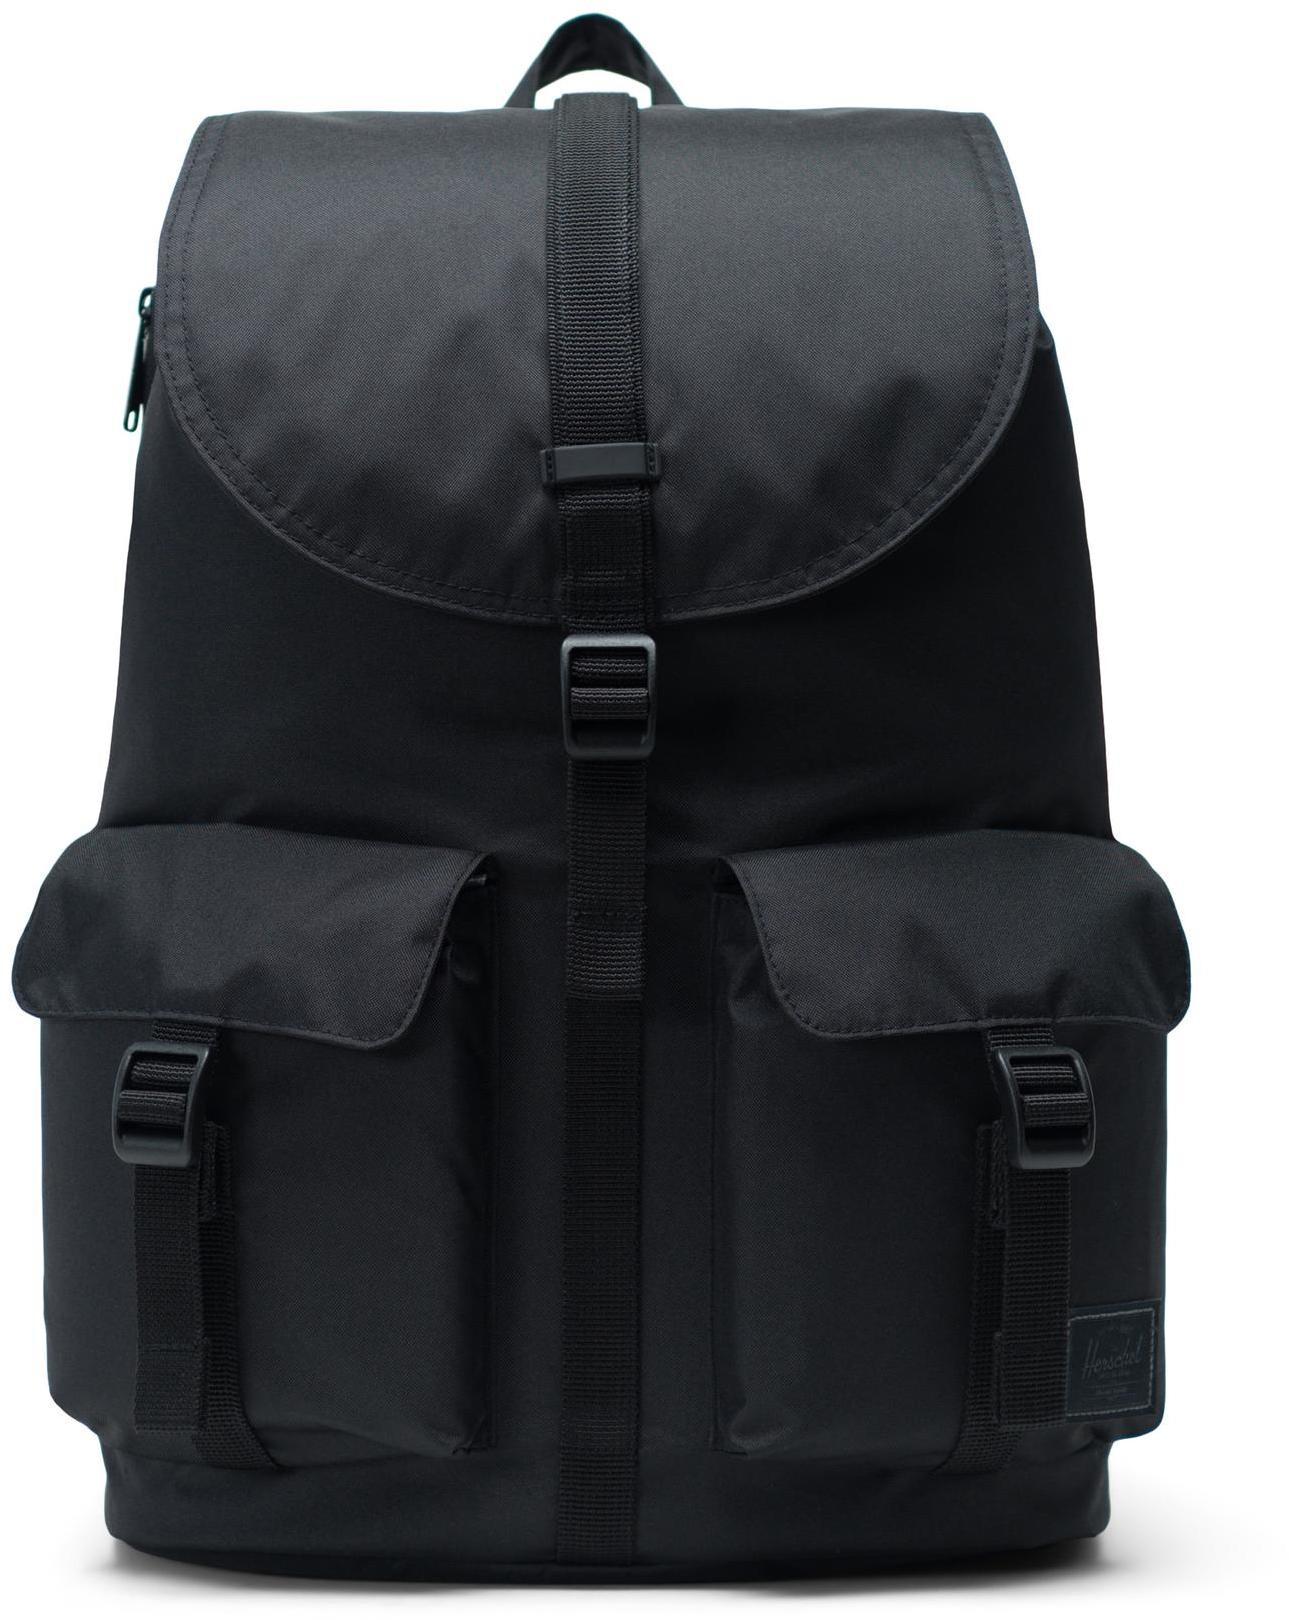 Herschel Dawson Light Backpack 20,5l, black (2019)   Rygsæk og rejsetasker